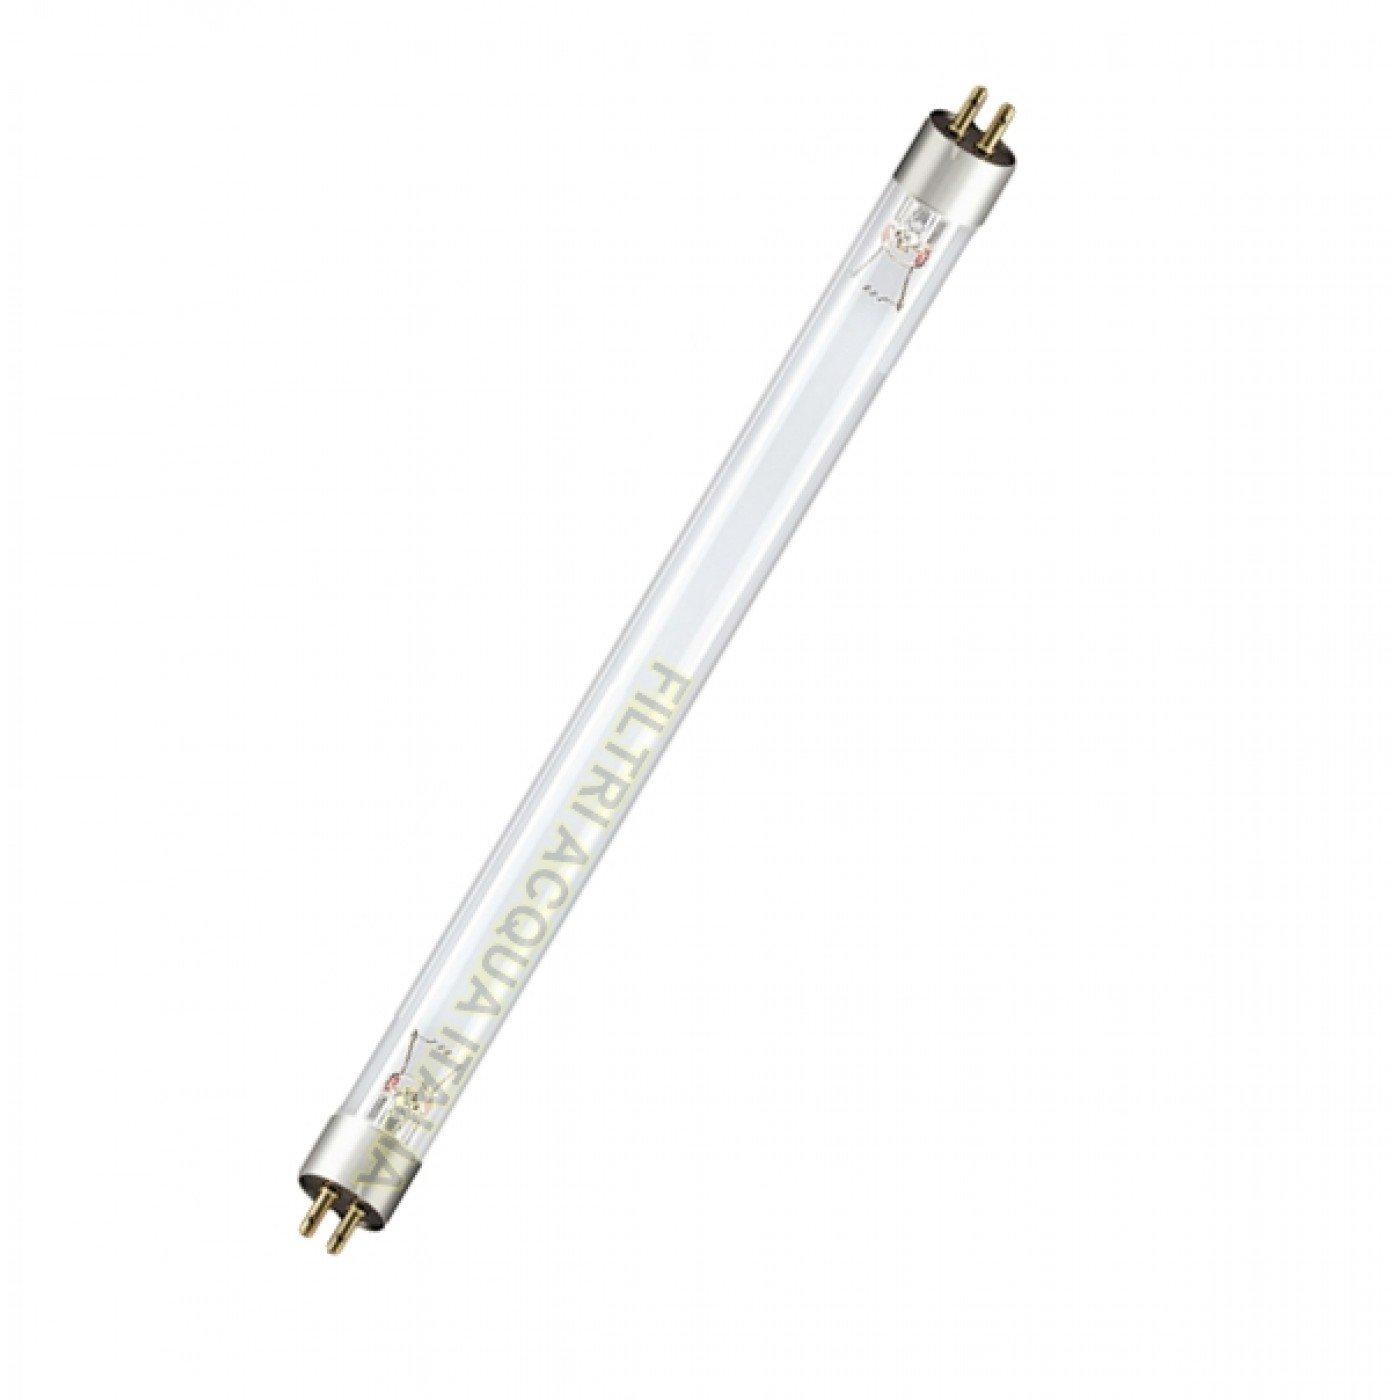 LAMPADA UV 11 WATT 4 PIN